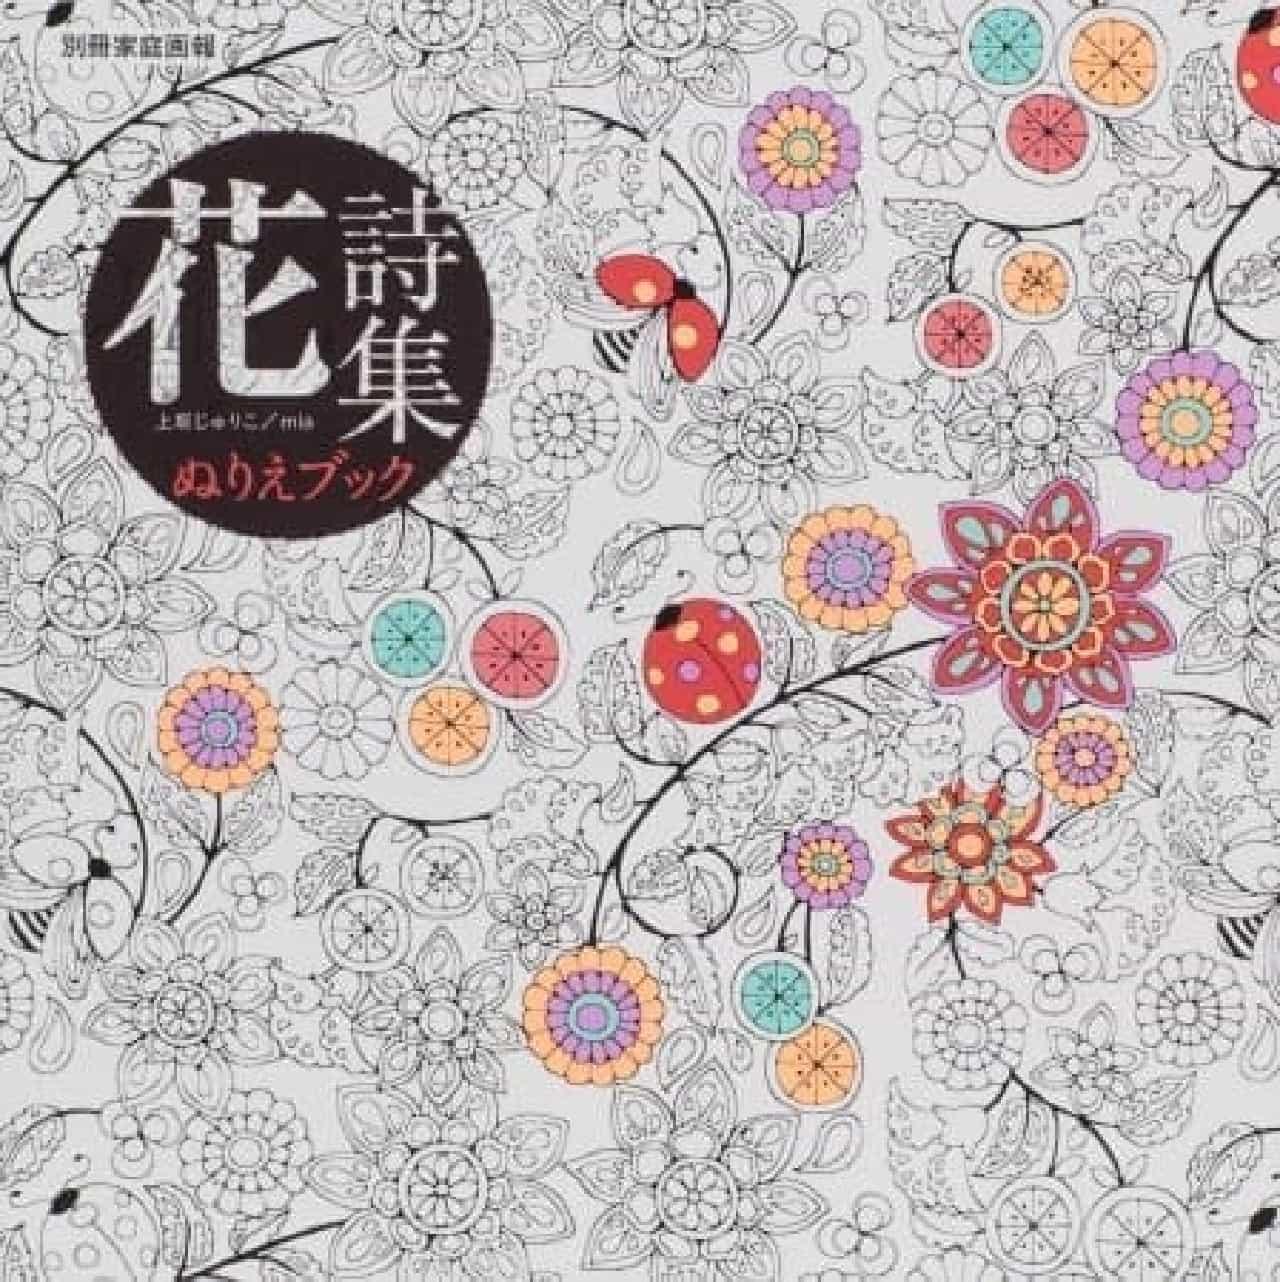 「花詩集 ぬりえブック」/世界文化社